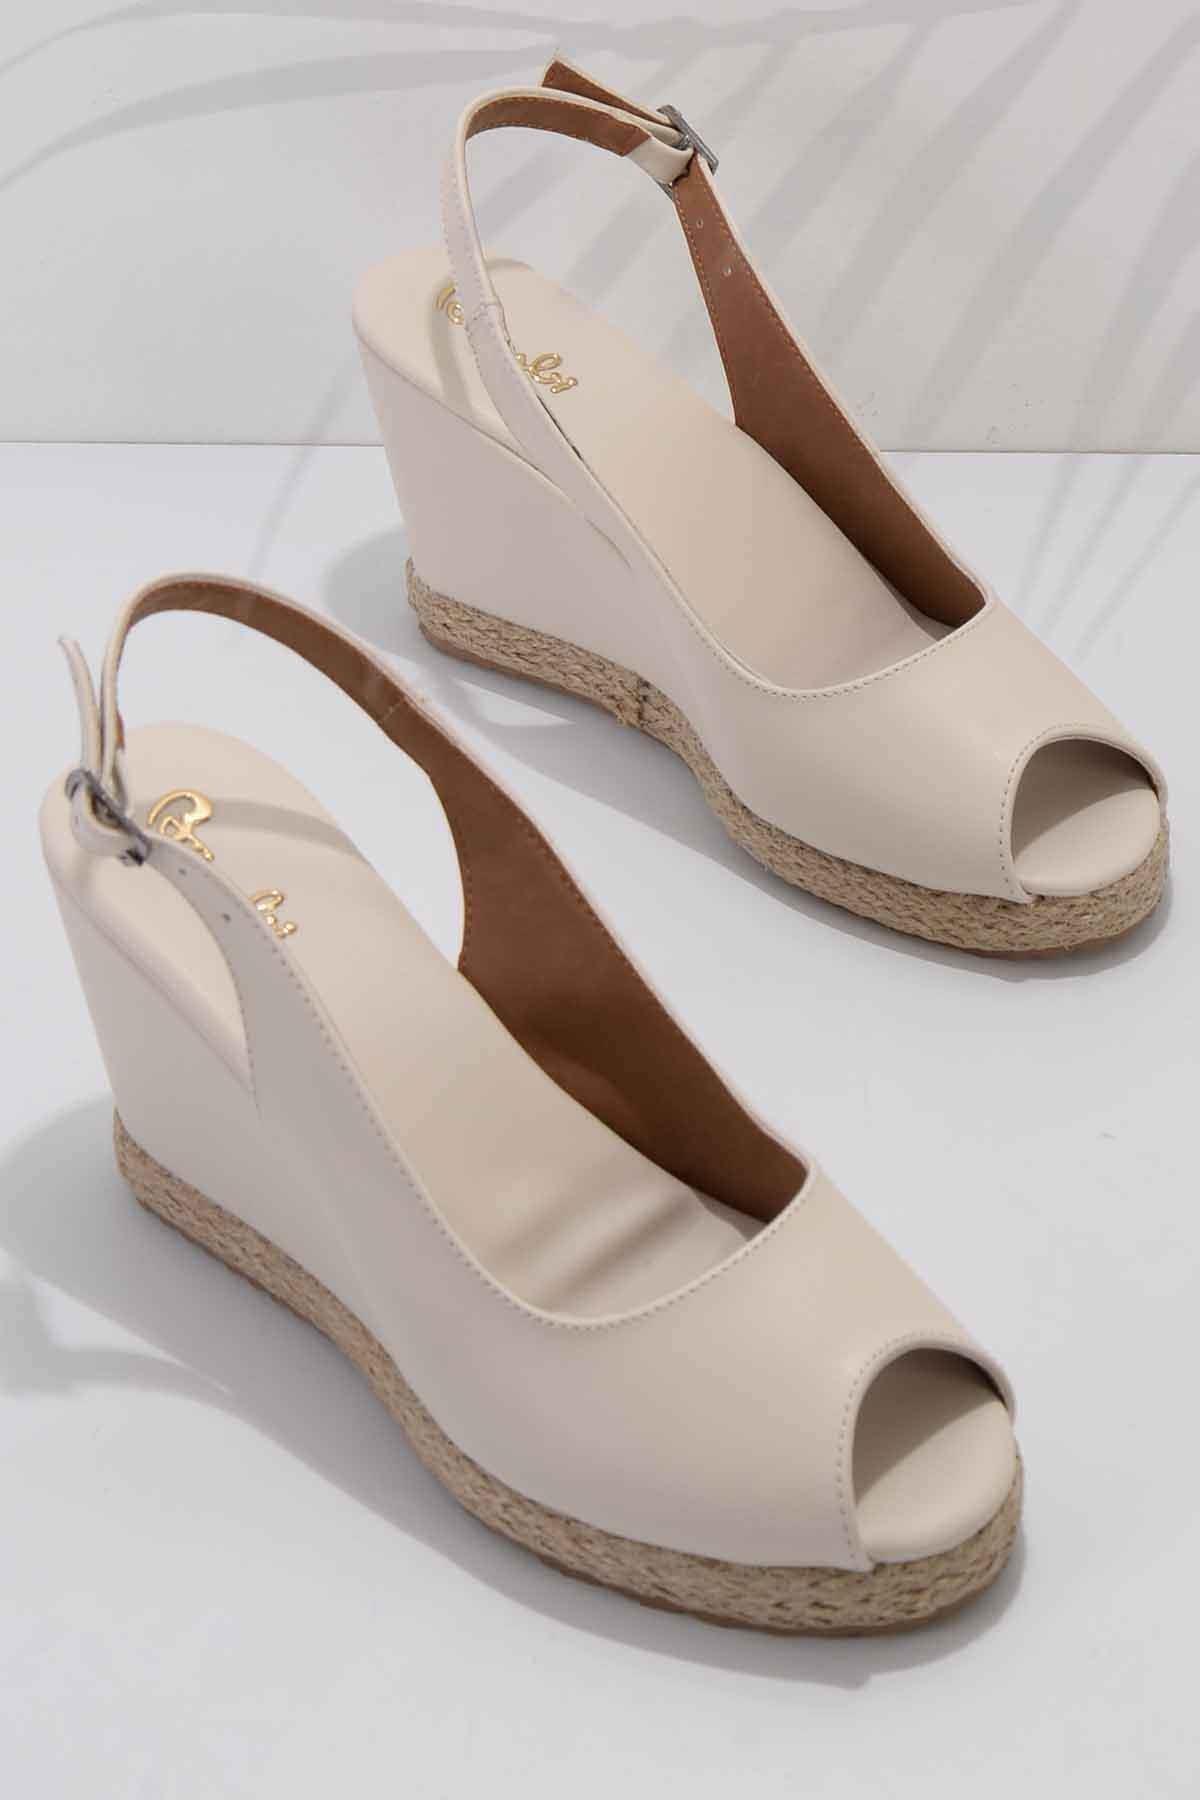 Bej Kadın Dolgu Topuklu Ayakkabı K05874011609